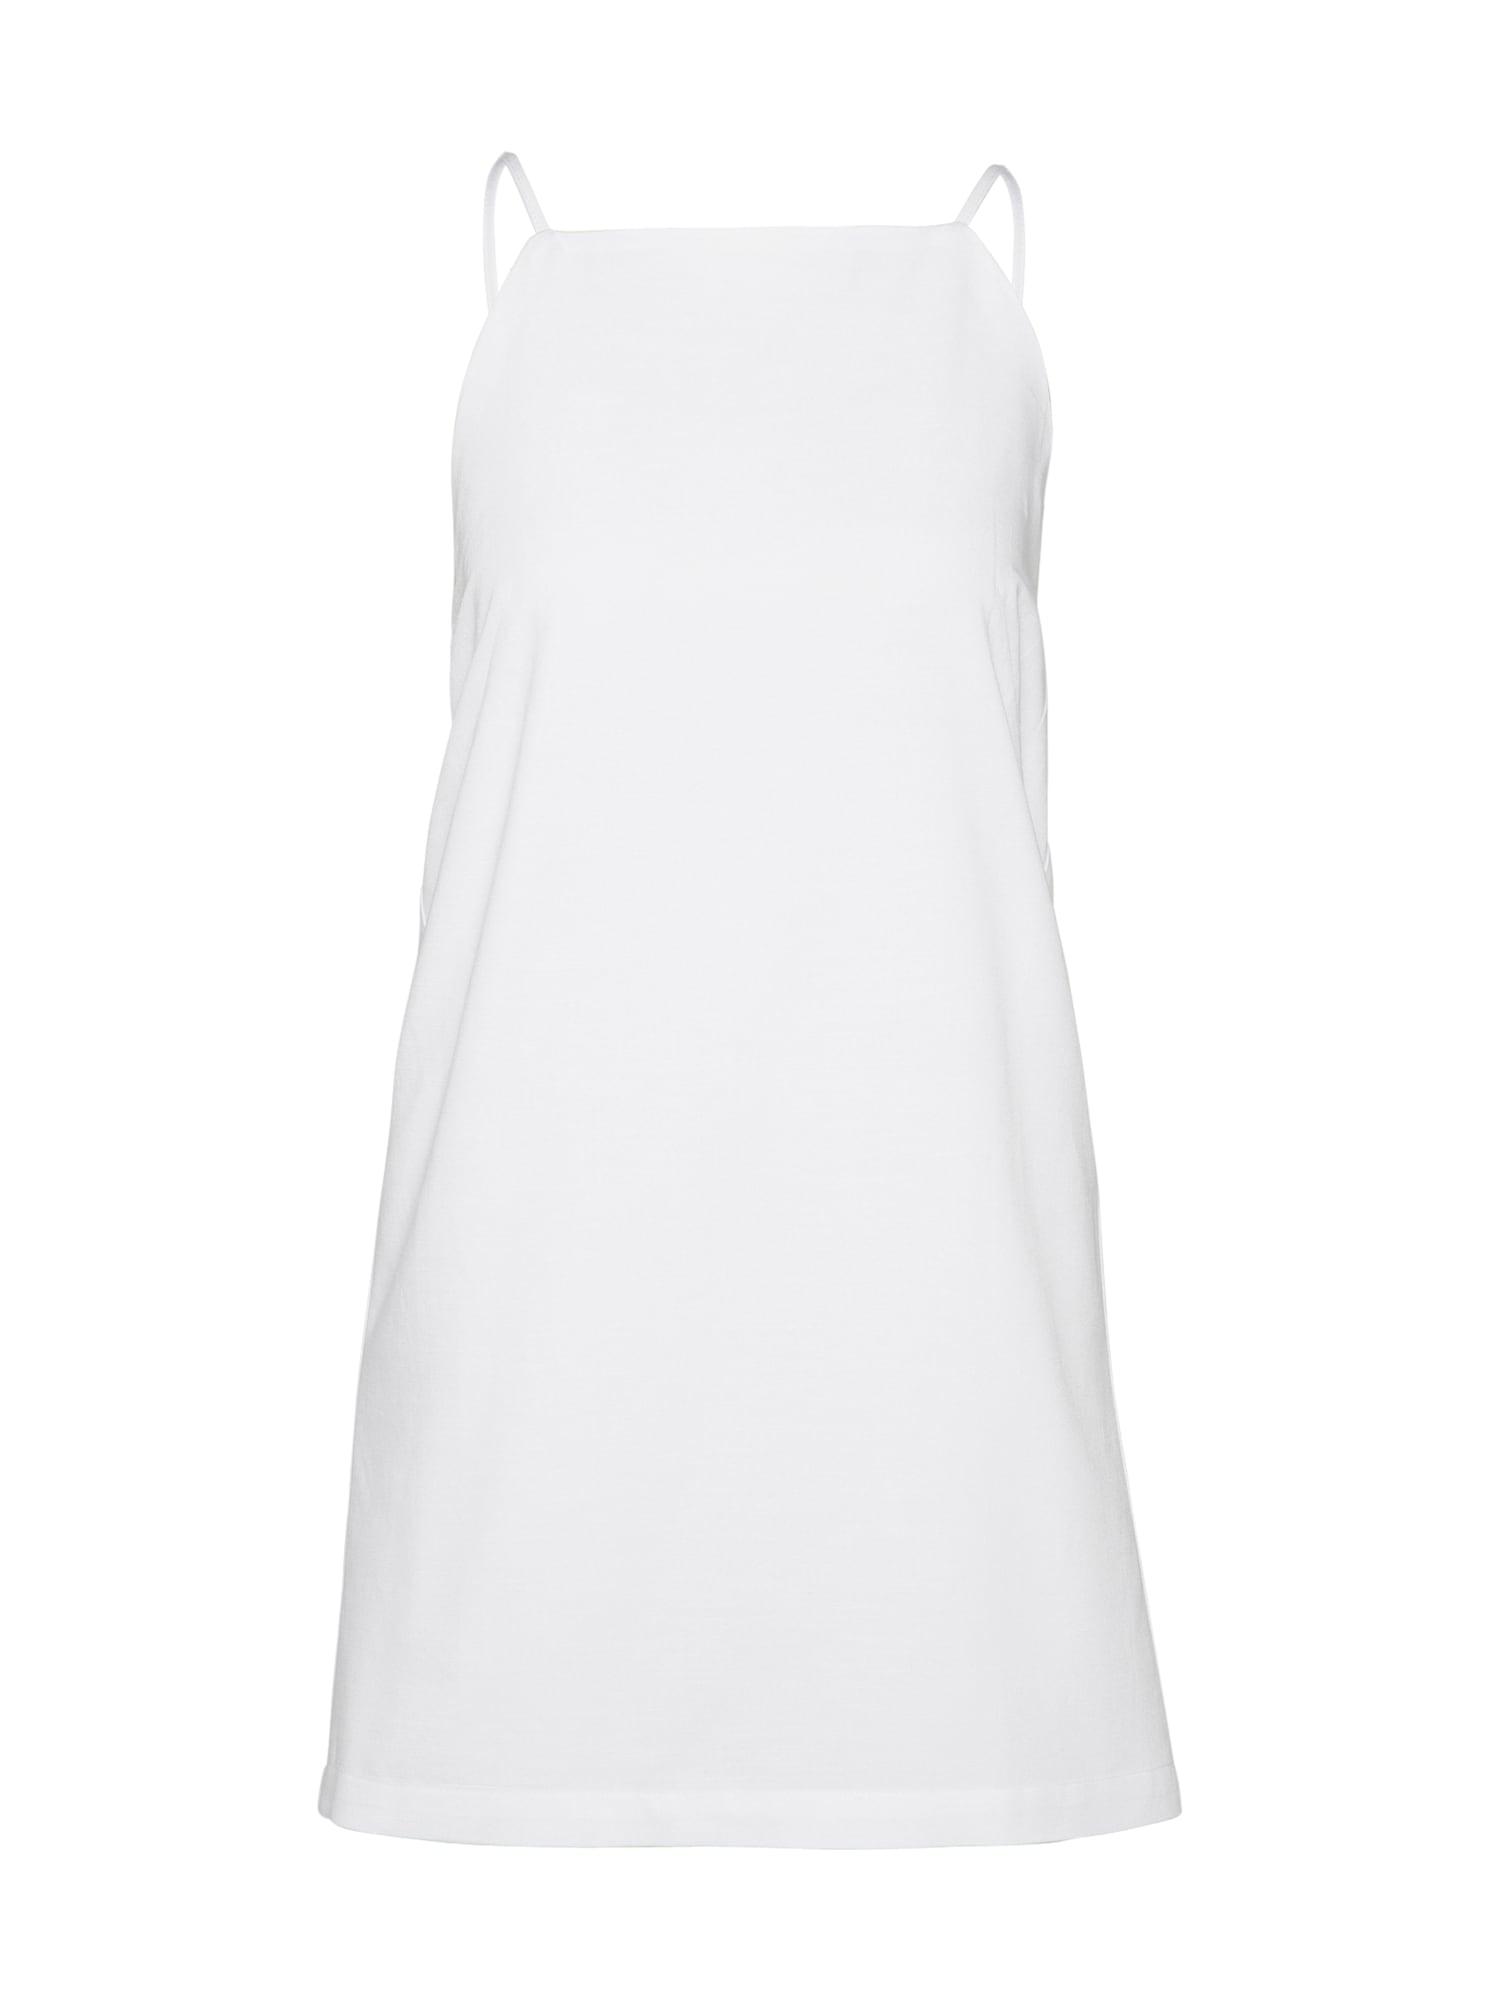 Plážové šaty Mira bílá EDITED